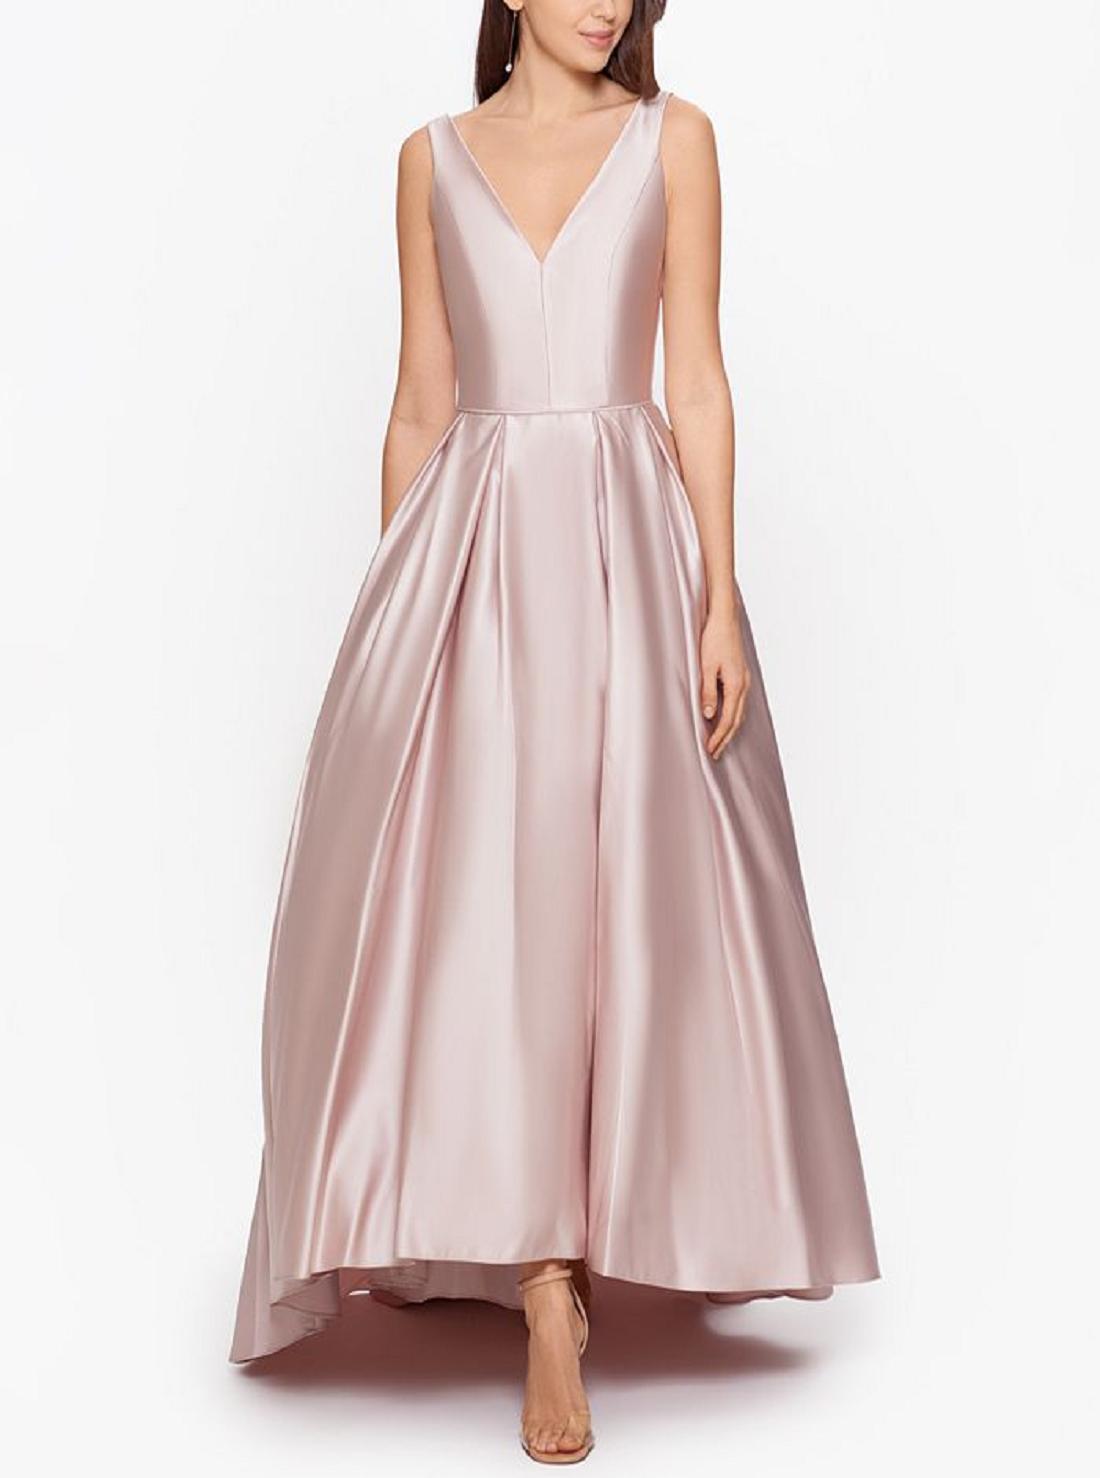 1 Wholesale V-neck Satin Dress